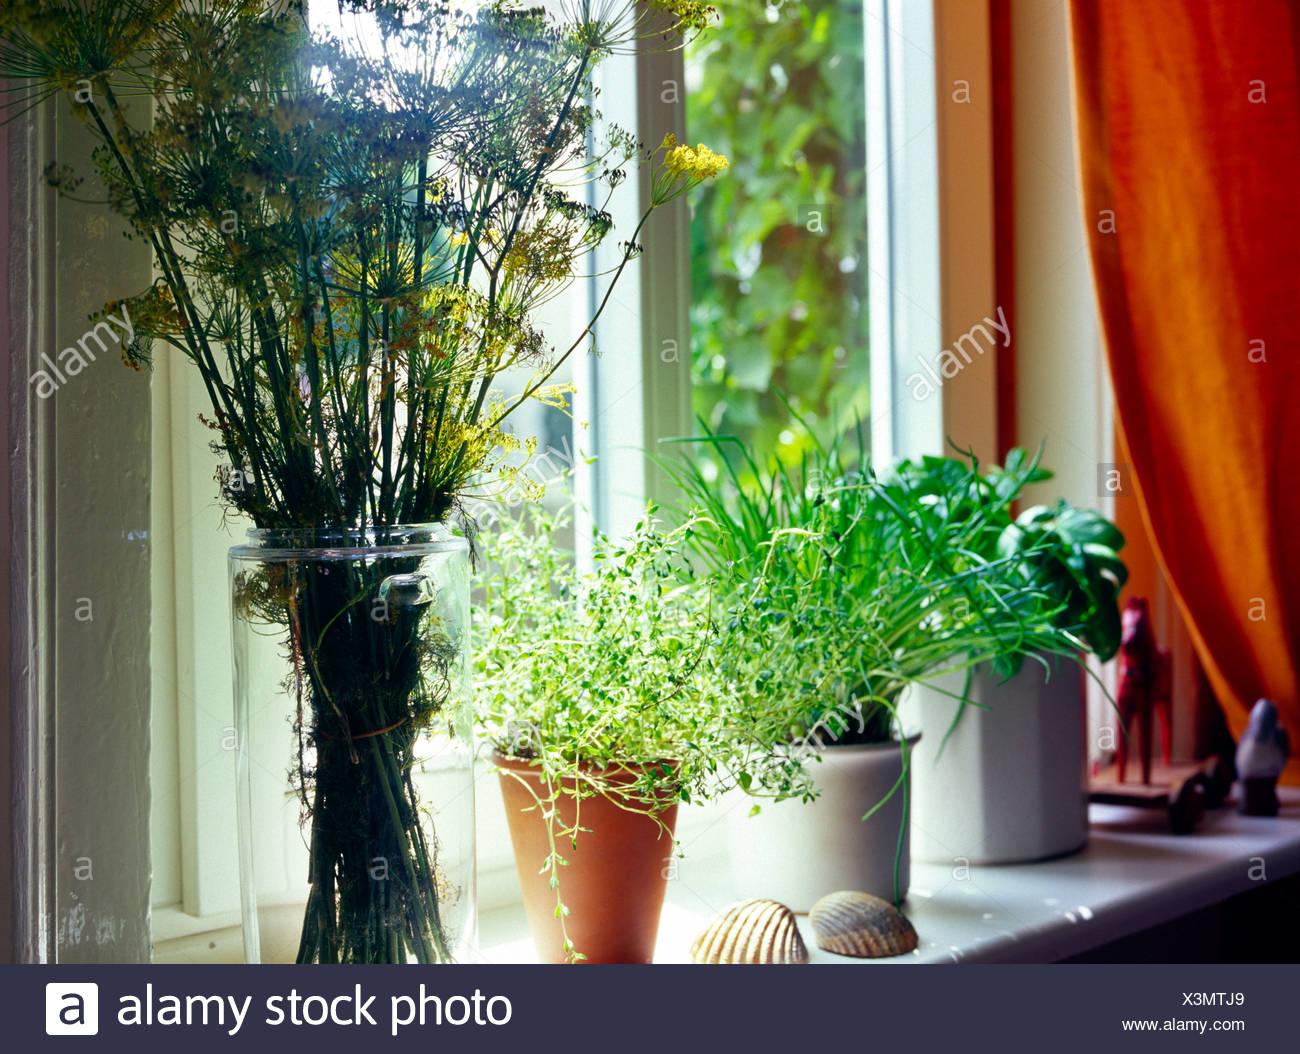 Kräuter für die Küche auf der Fensterbank Stockfotografie - Alamy